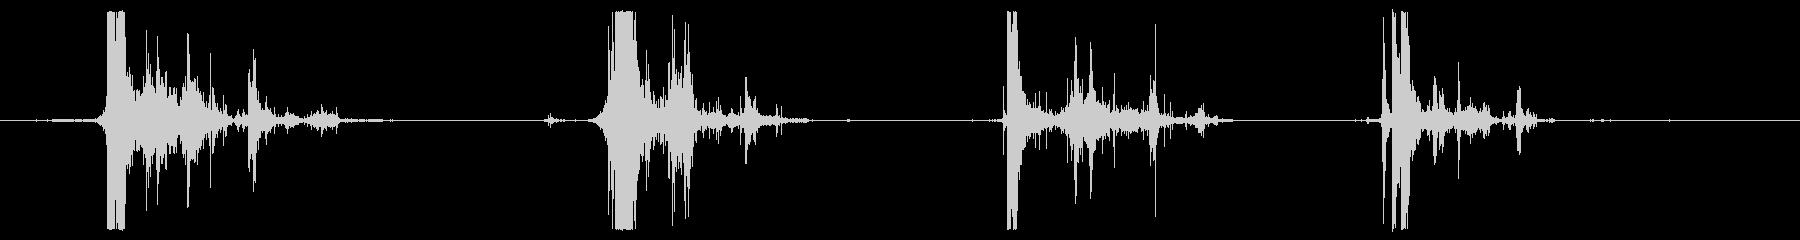 セメントのロールの未再生の波形